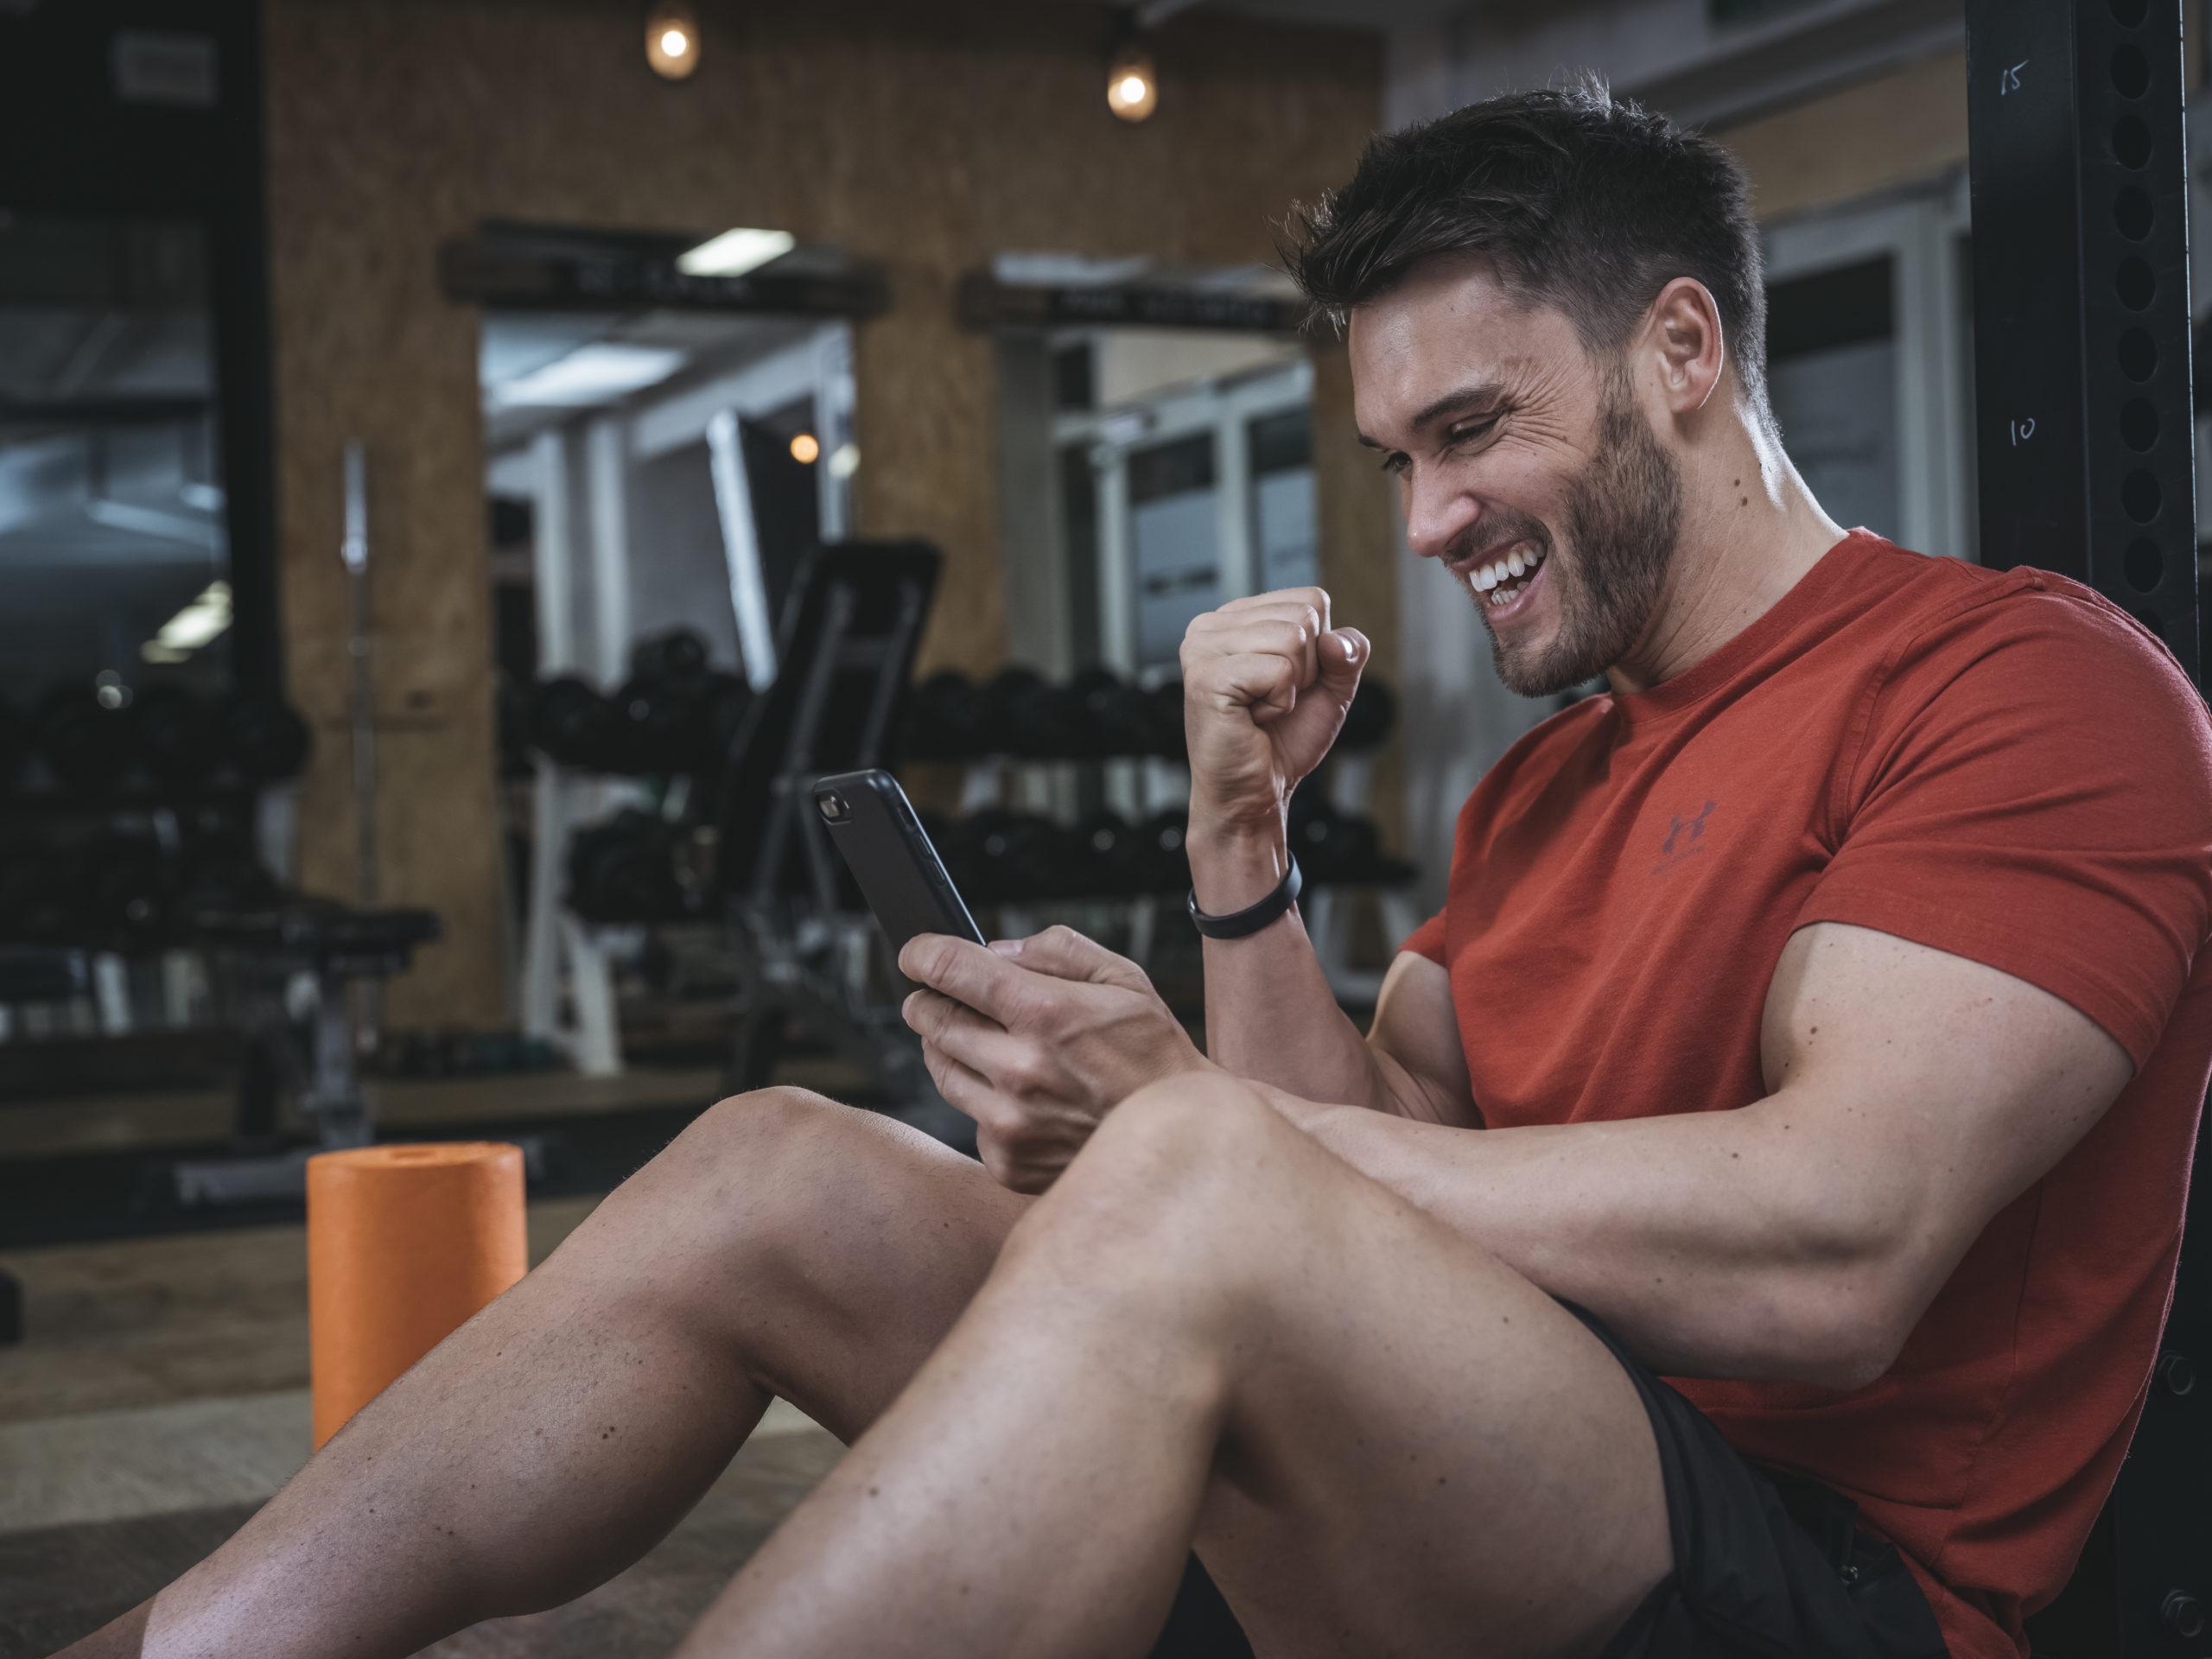 Mario Klintworth schaut auf sein Handy und freut sich über seine ALL IN Erfolge